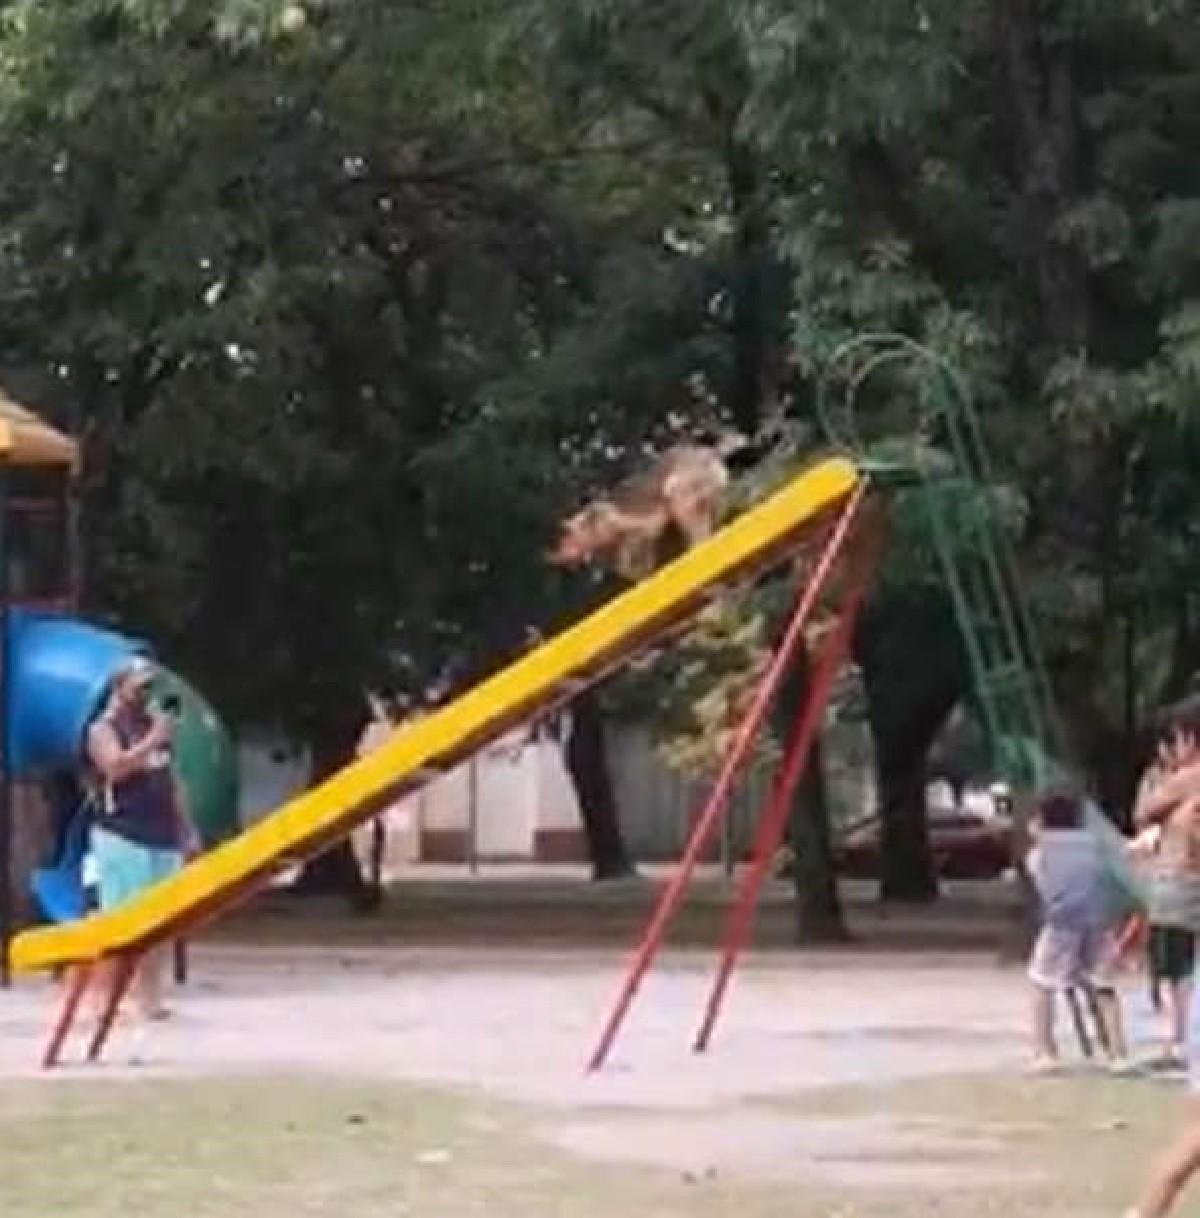 cane-parco-scivolo